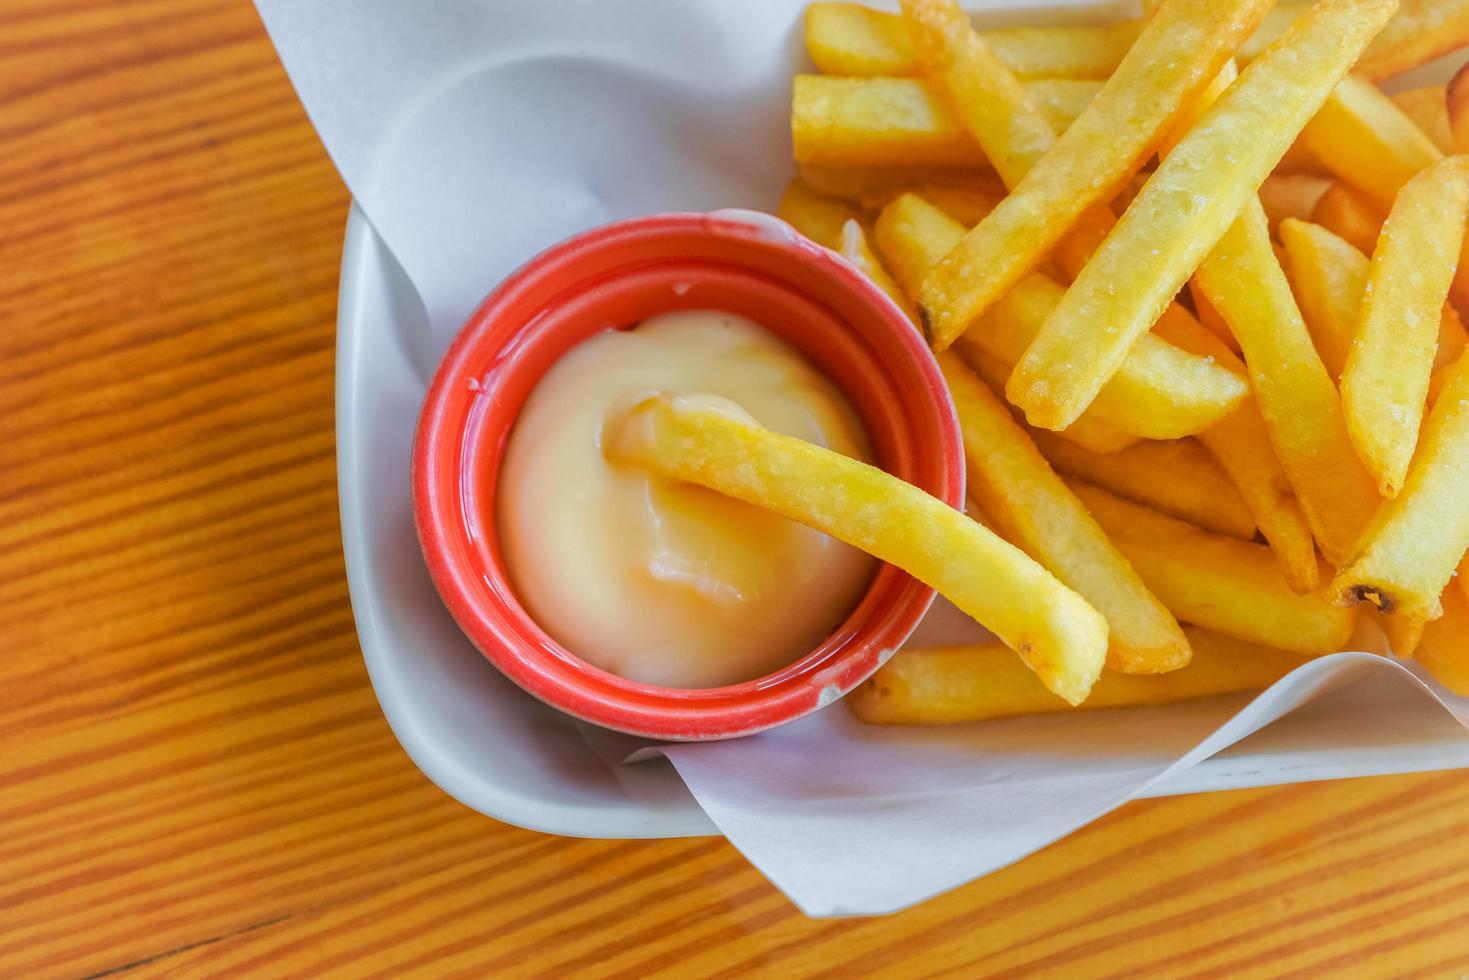 Franse frietjes op witte plaat foto